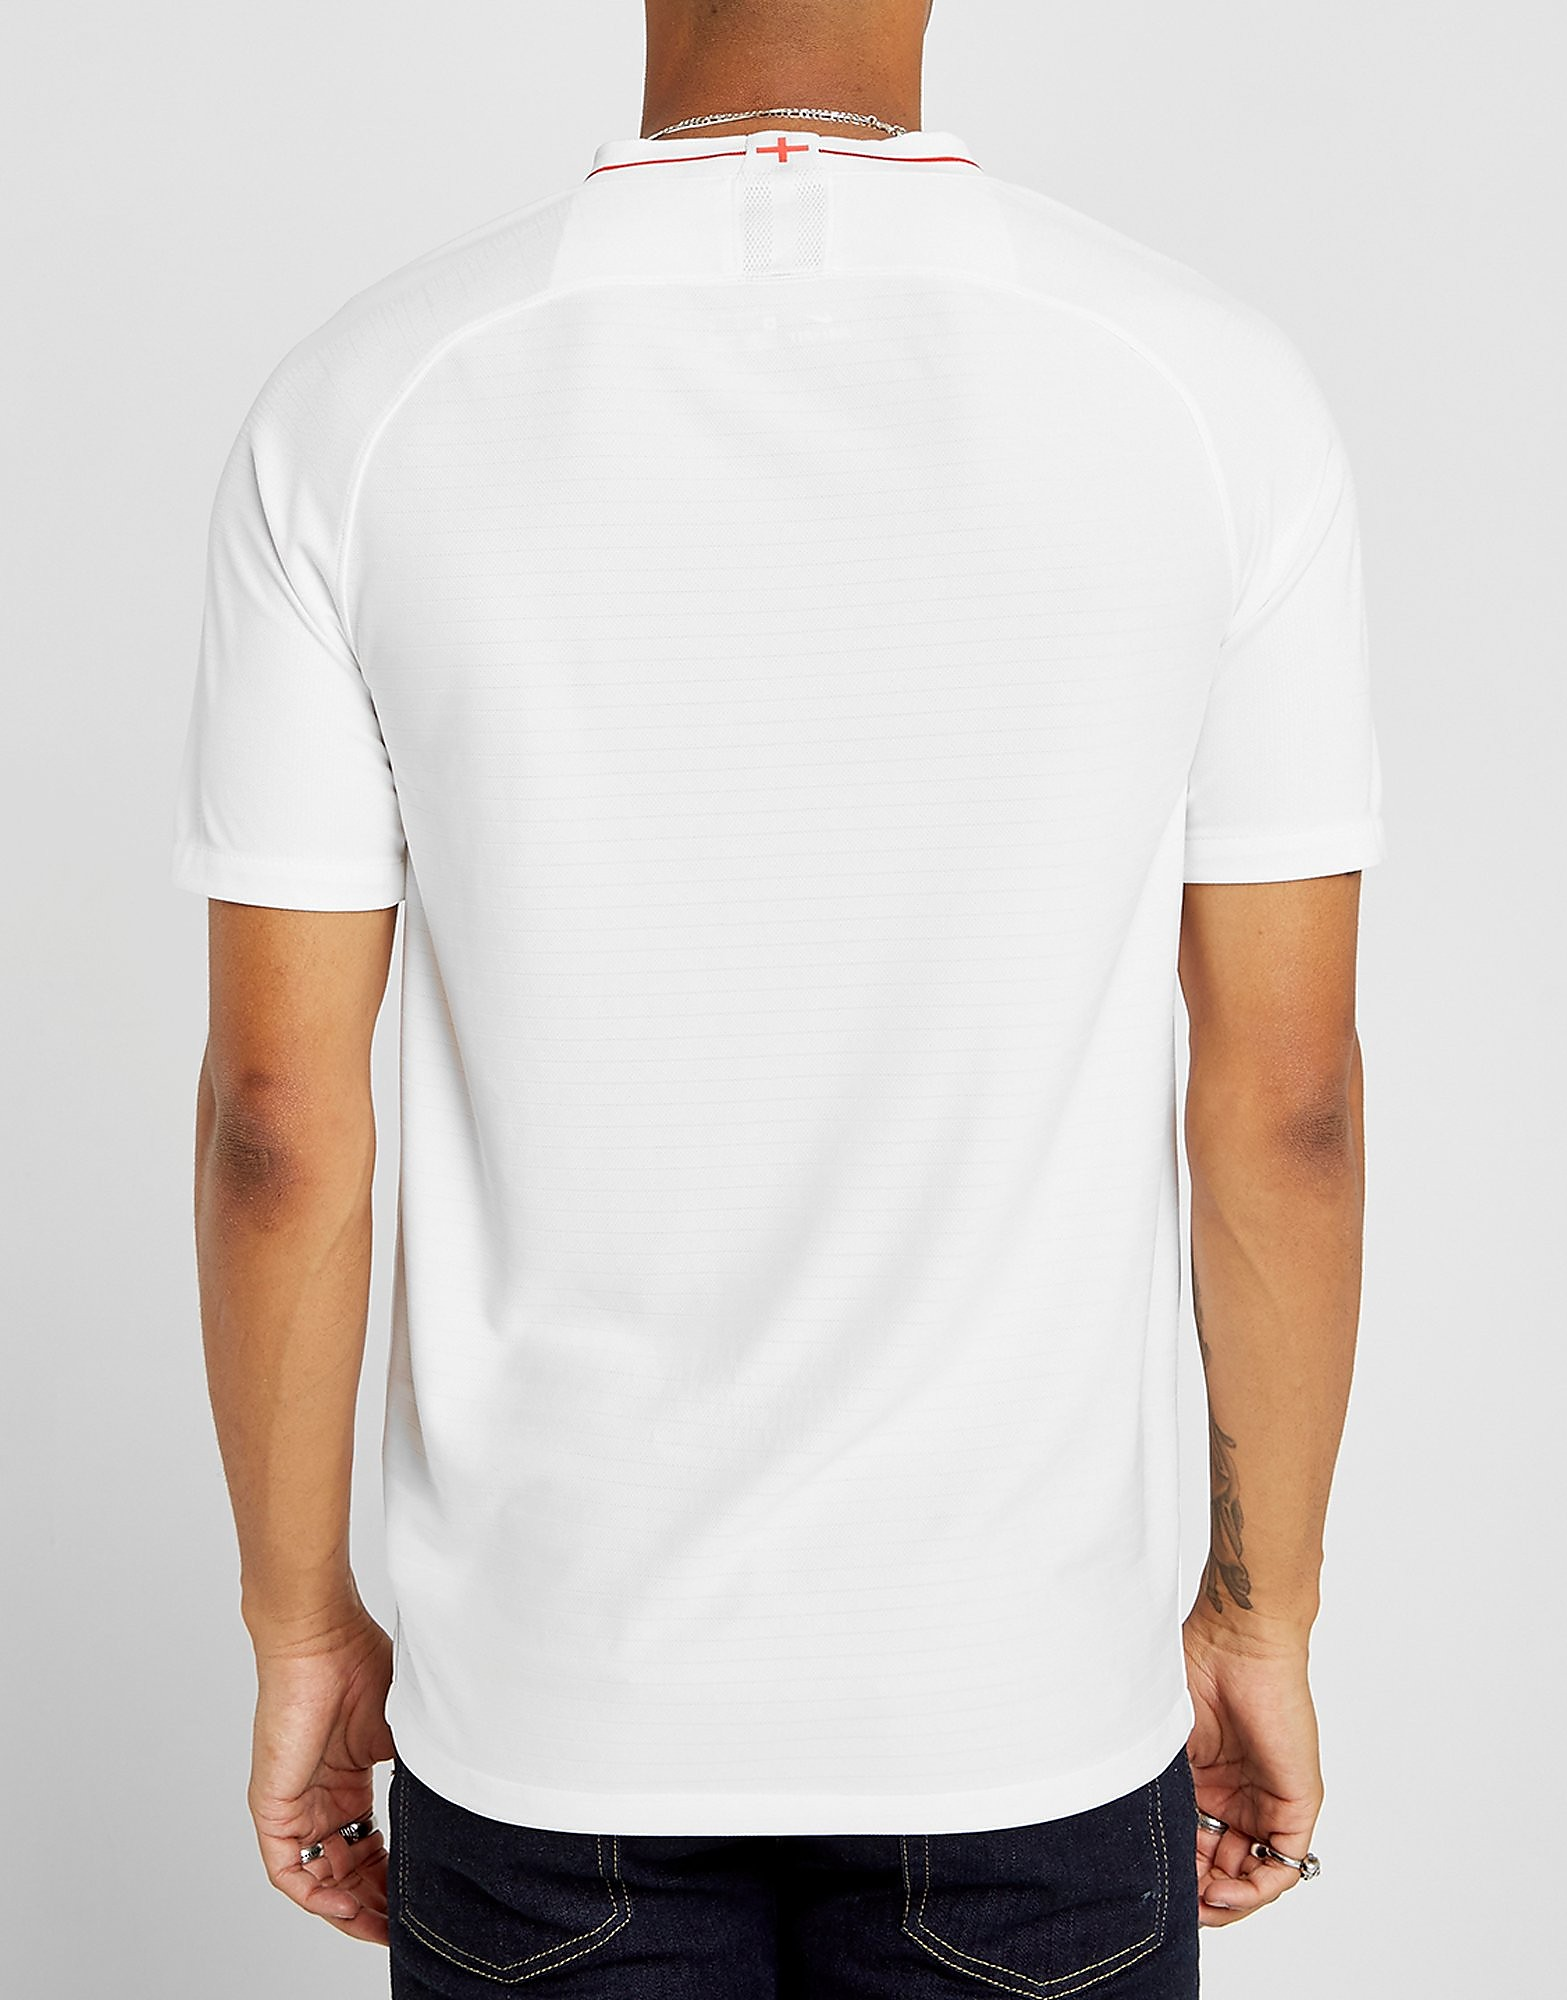 Nike camiseta Inglaterra 2018 1.ª equipación